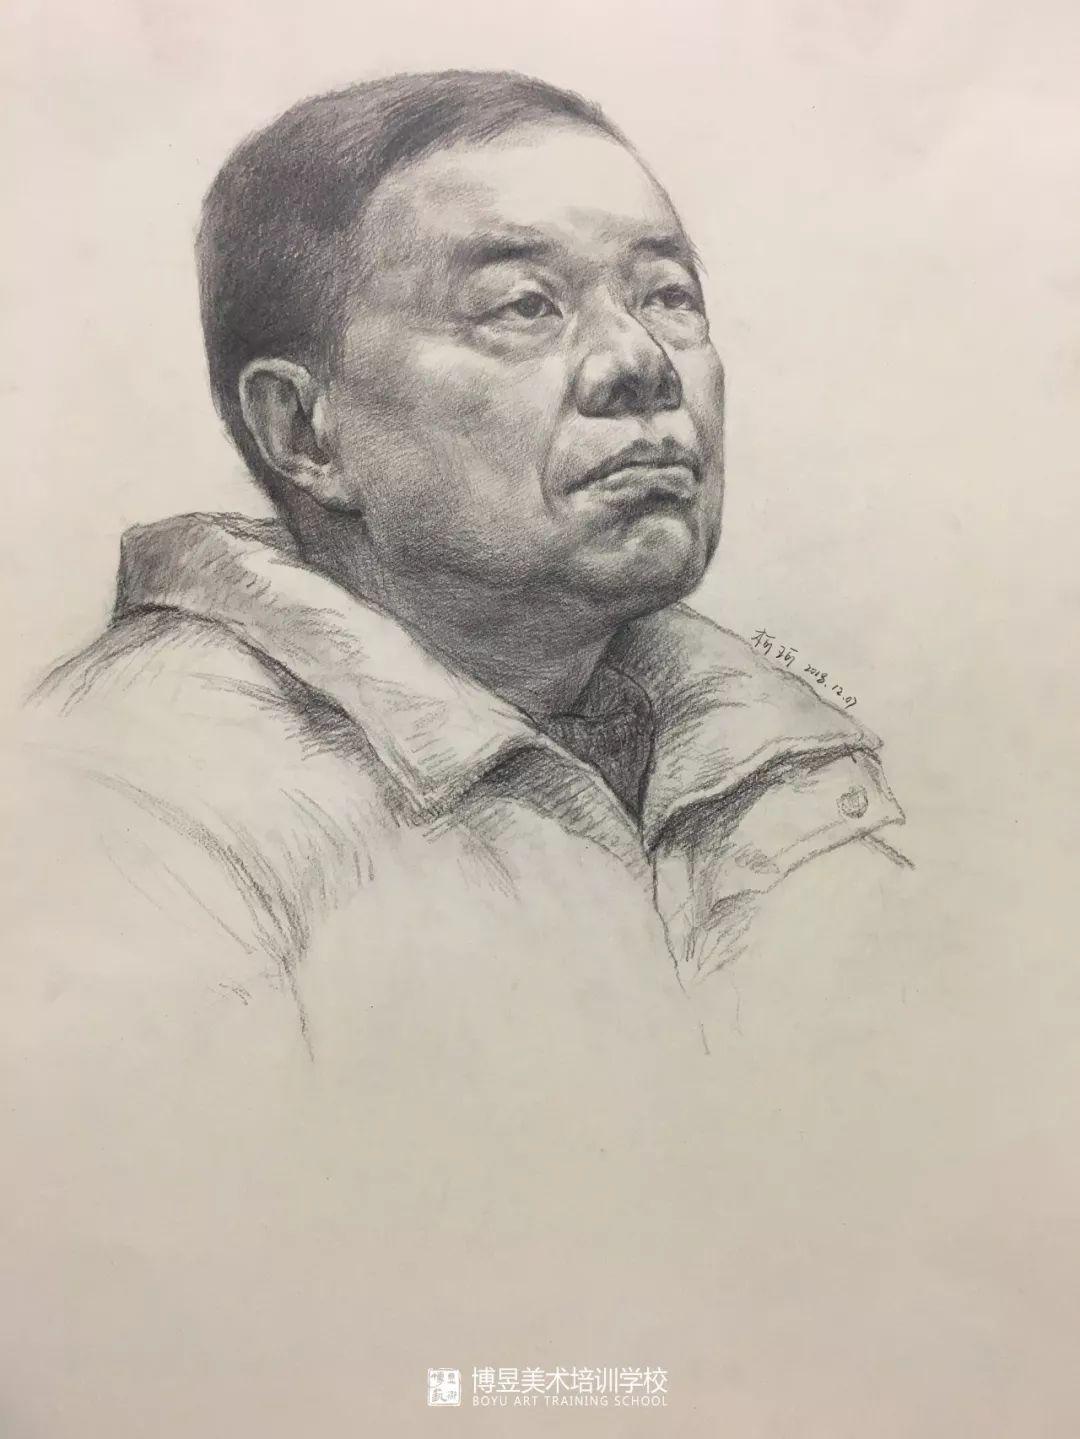 湖北博昱画室 · 洪山博昱三美造型班统考后学生素描写生作品